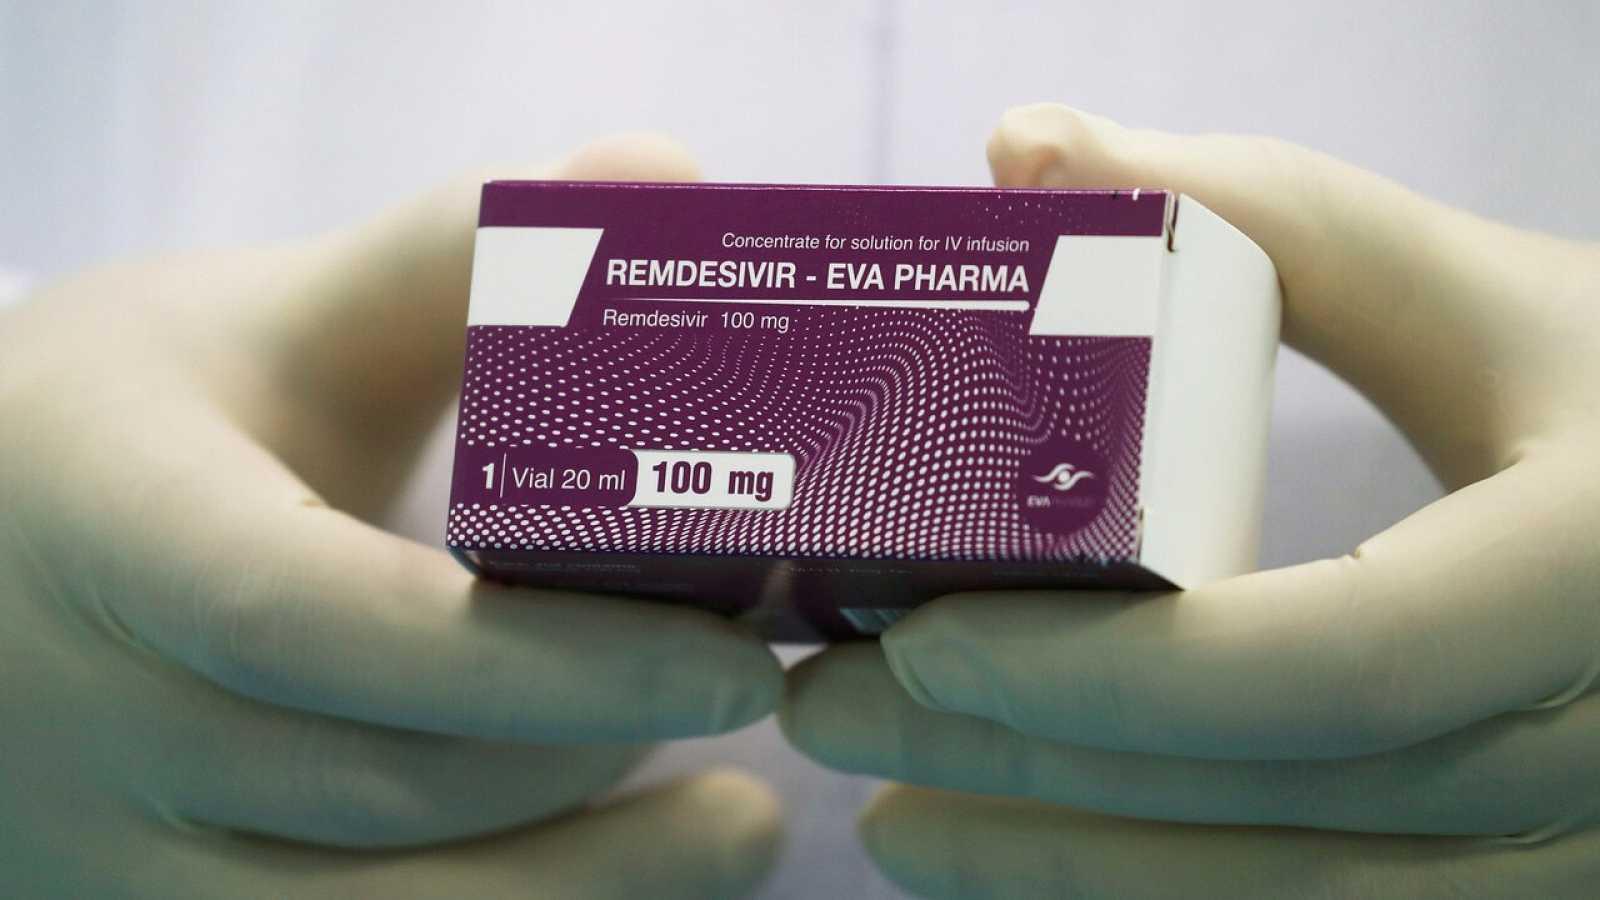 Tratamientos con Remdesivir contra la COVID-19 costarán 2.340 dólares o más